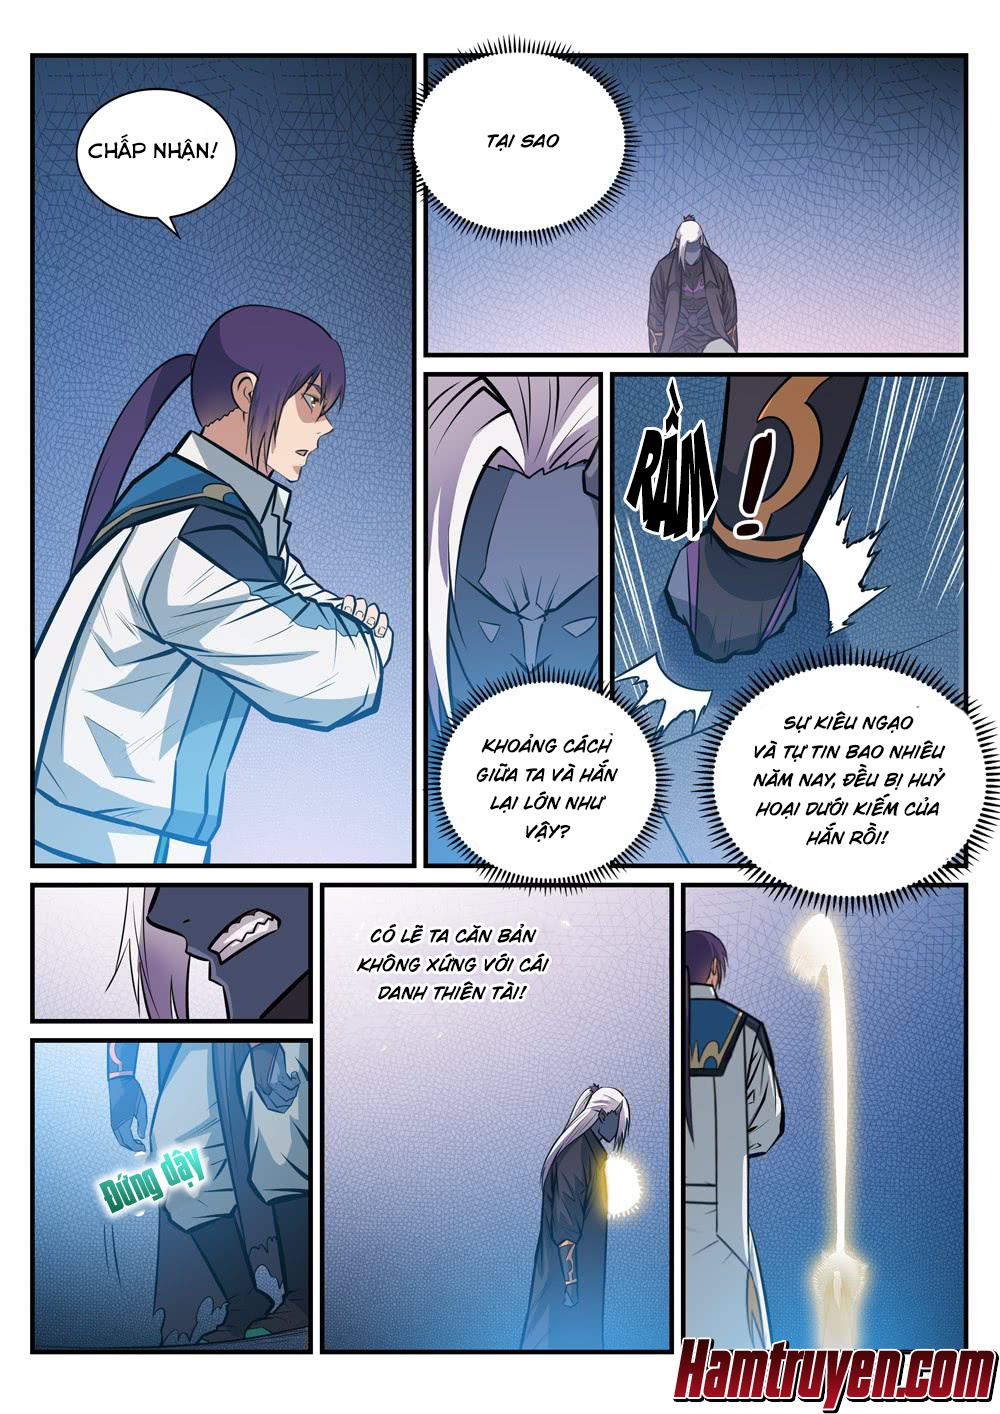 BÁCH LUYỆN THÀNH THẦN Chap 255 - Trang 11